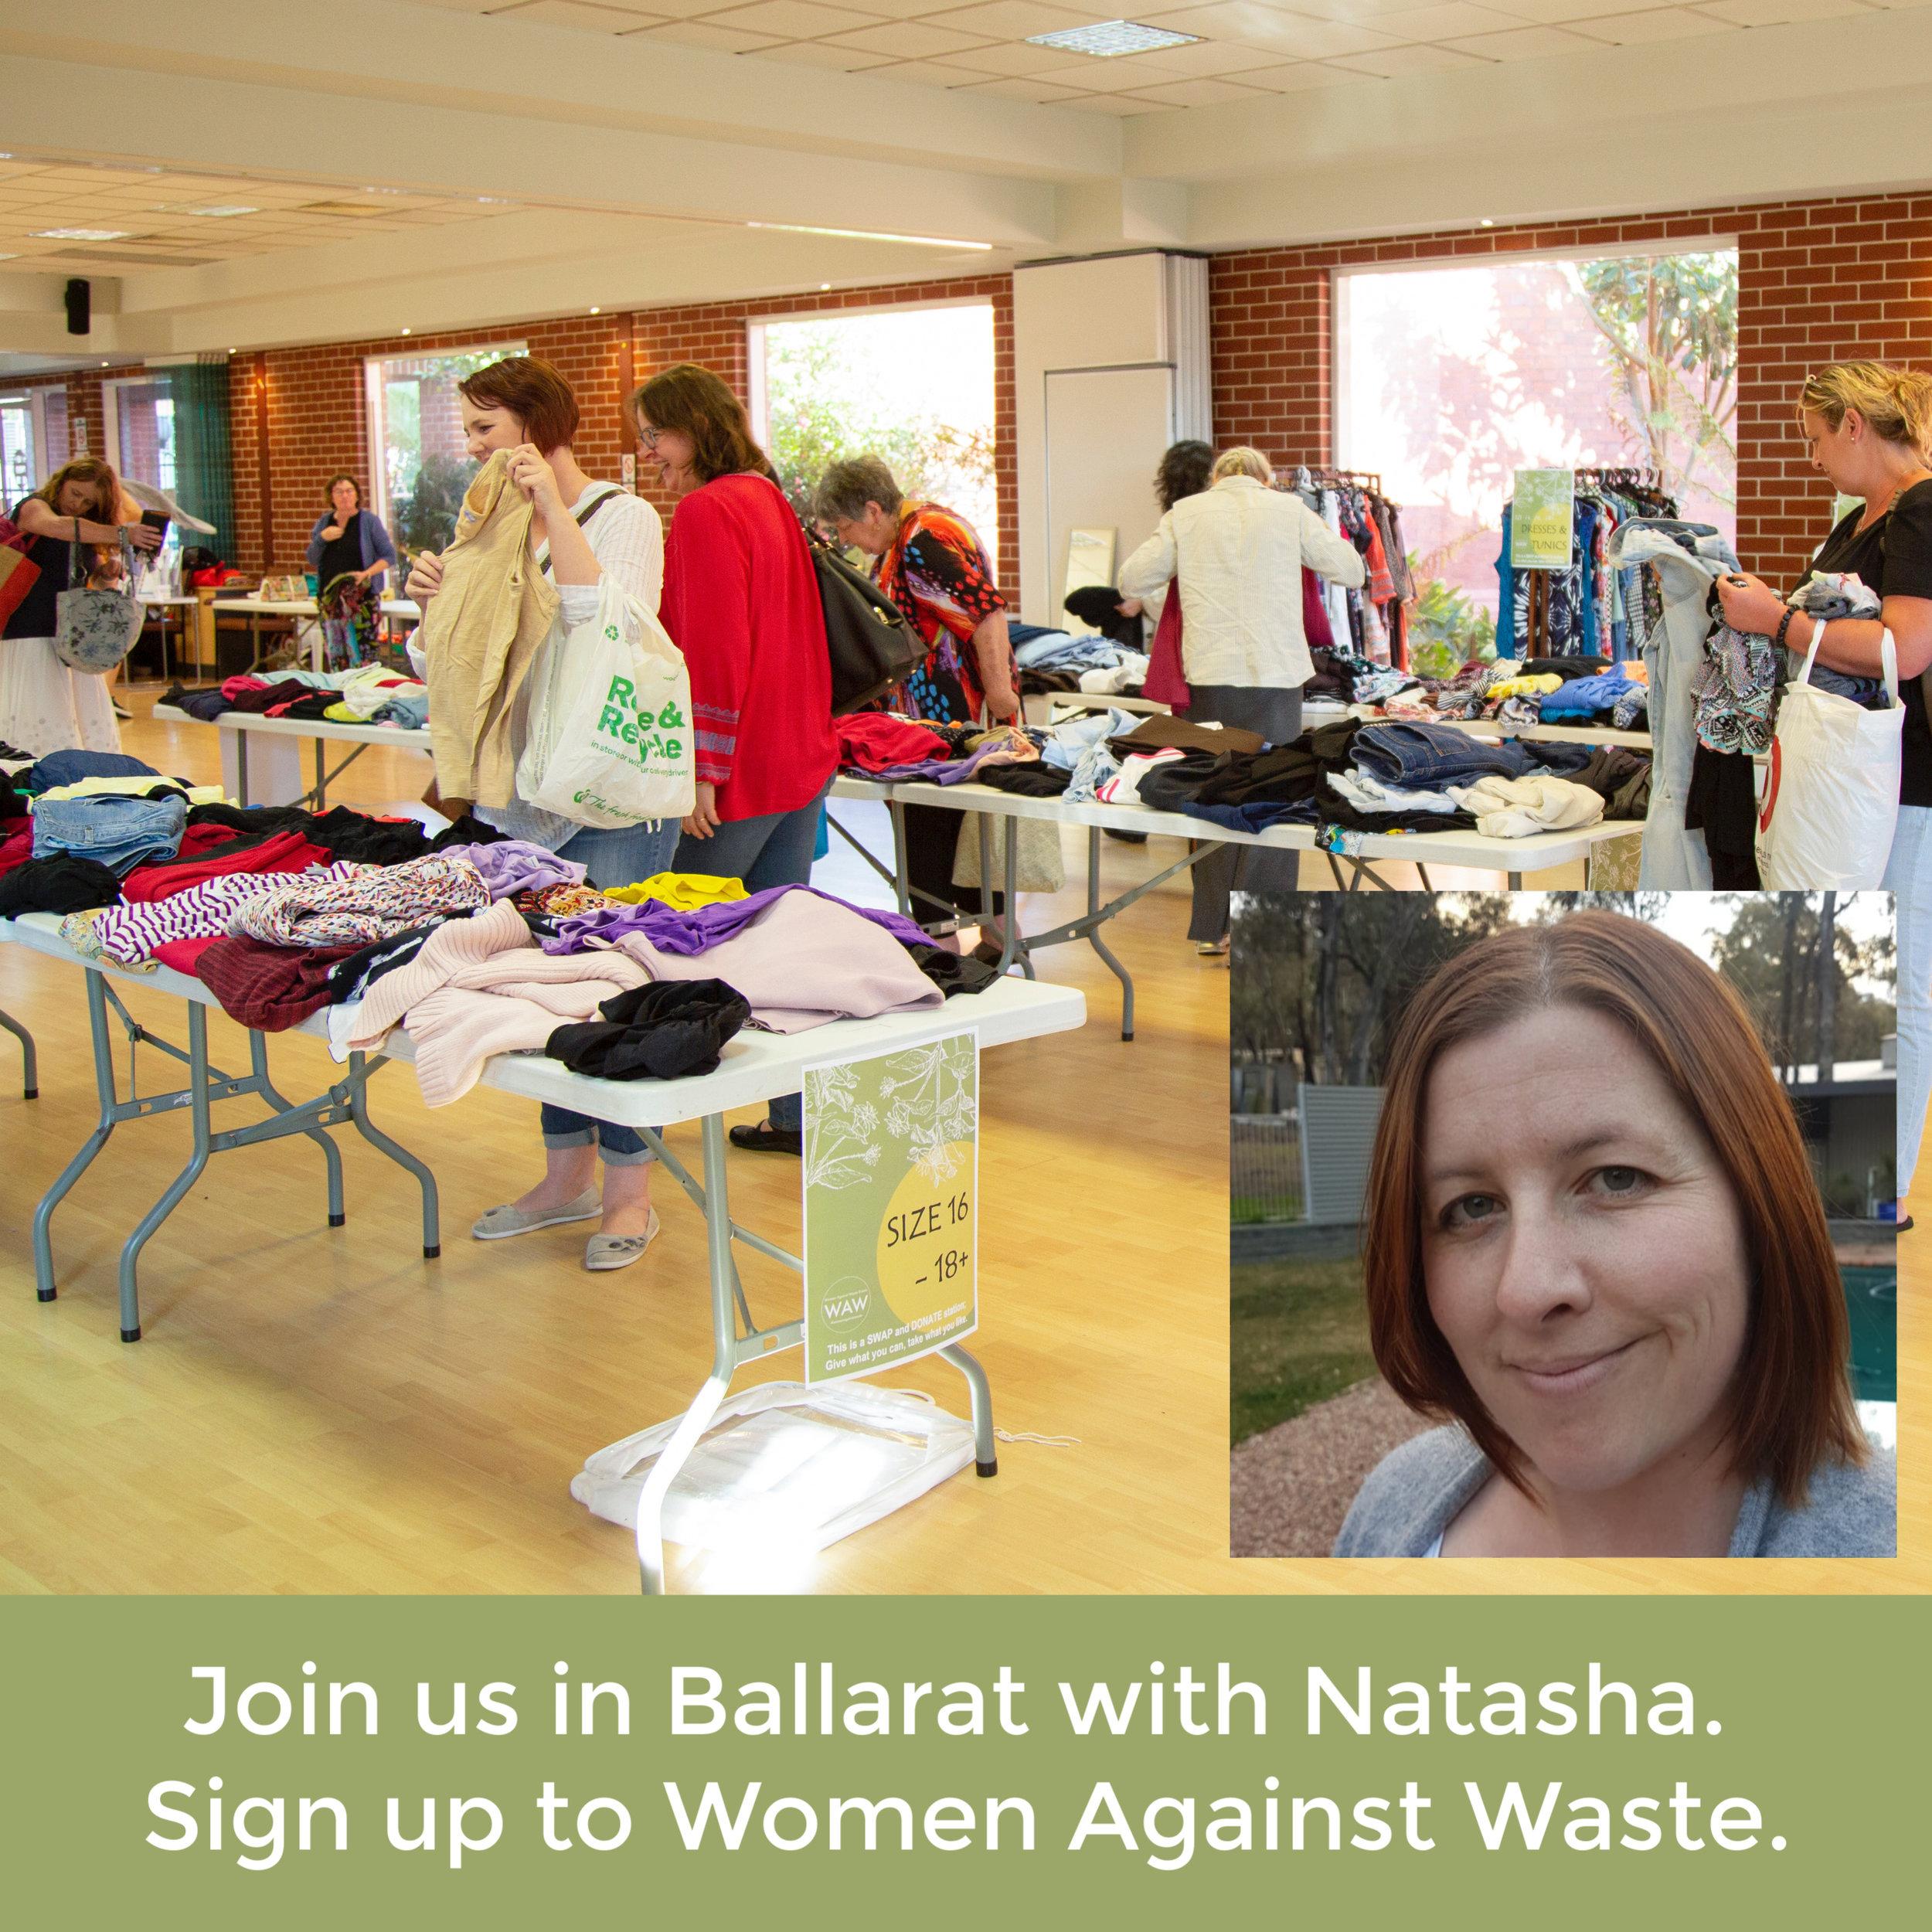 Ballarat Women Against Waste Event